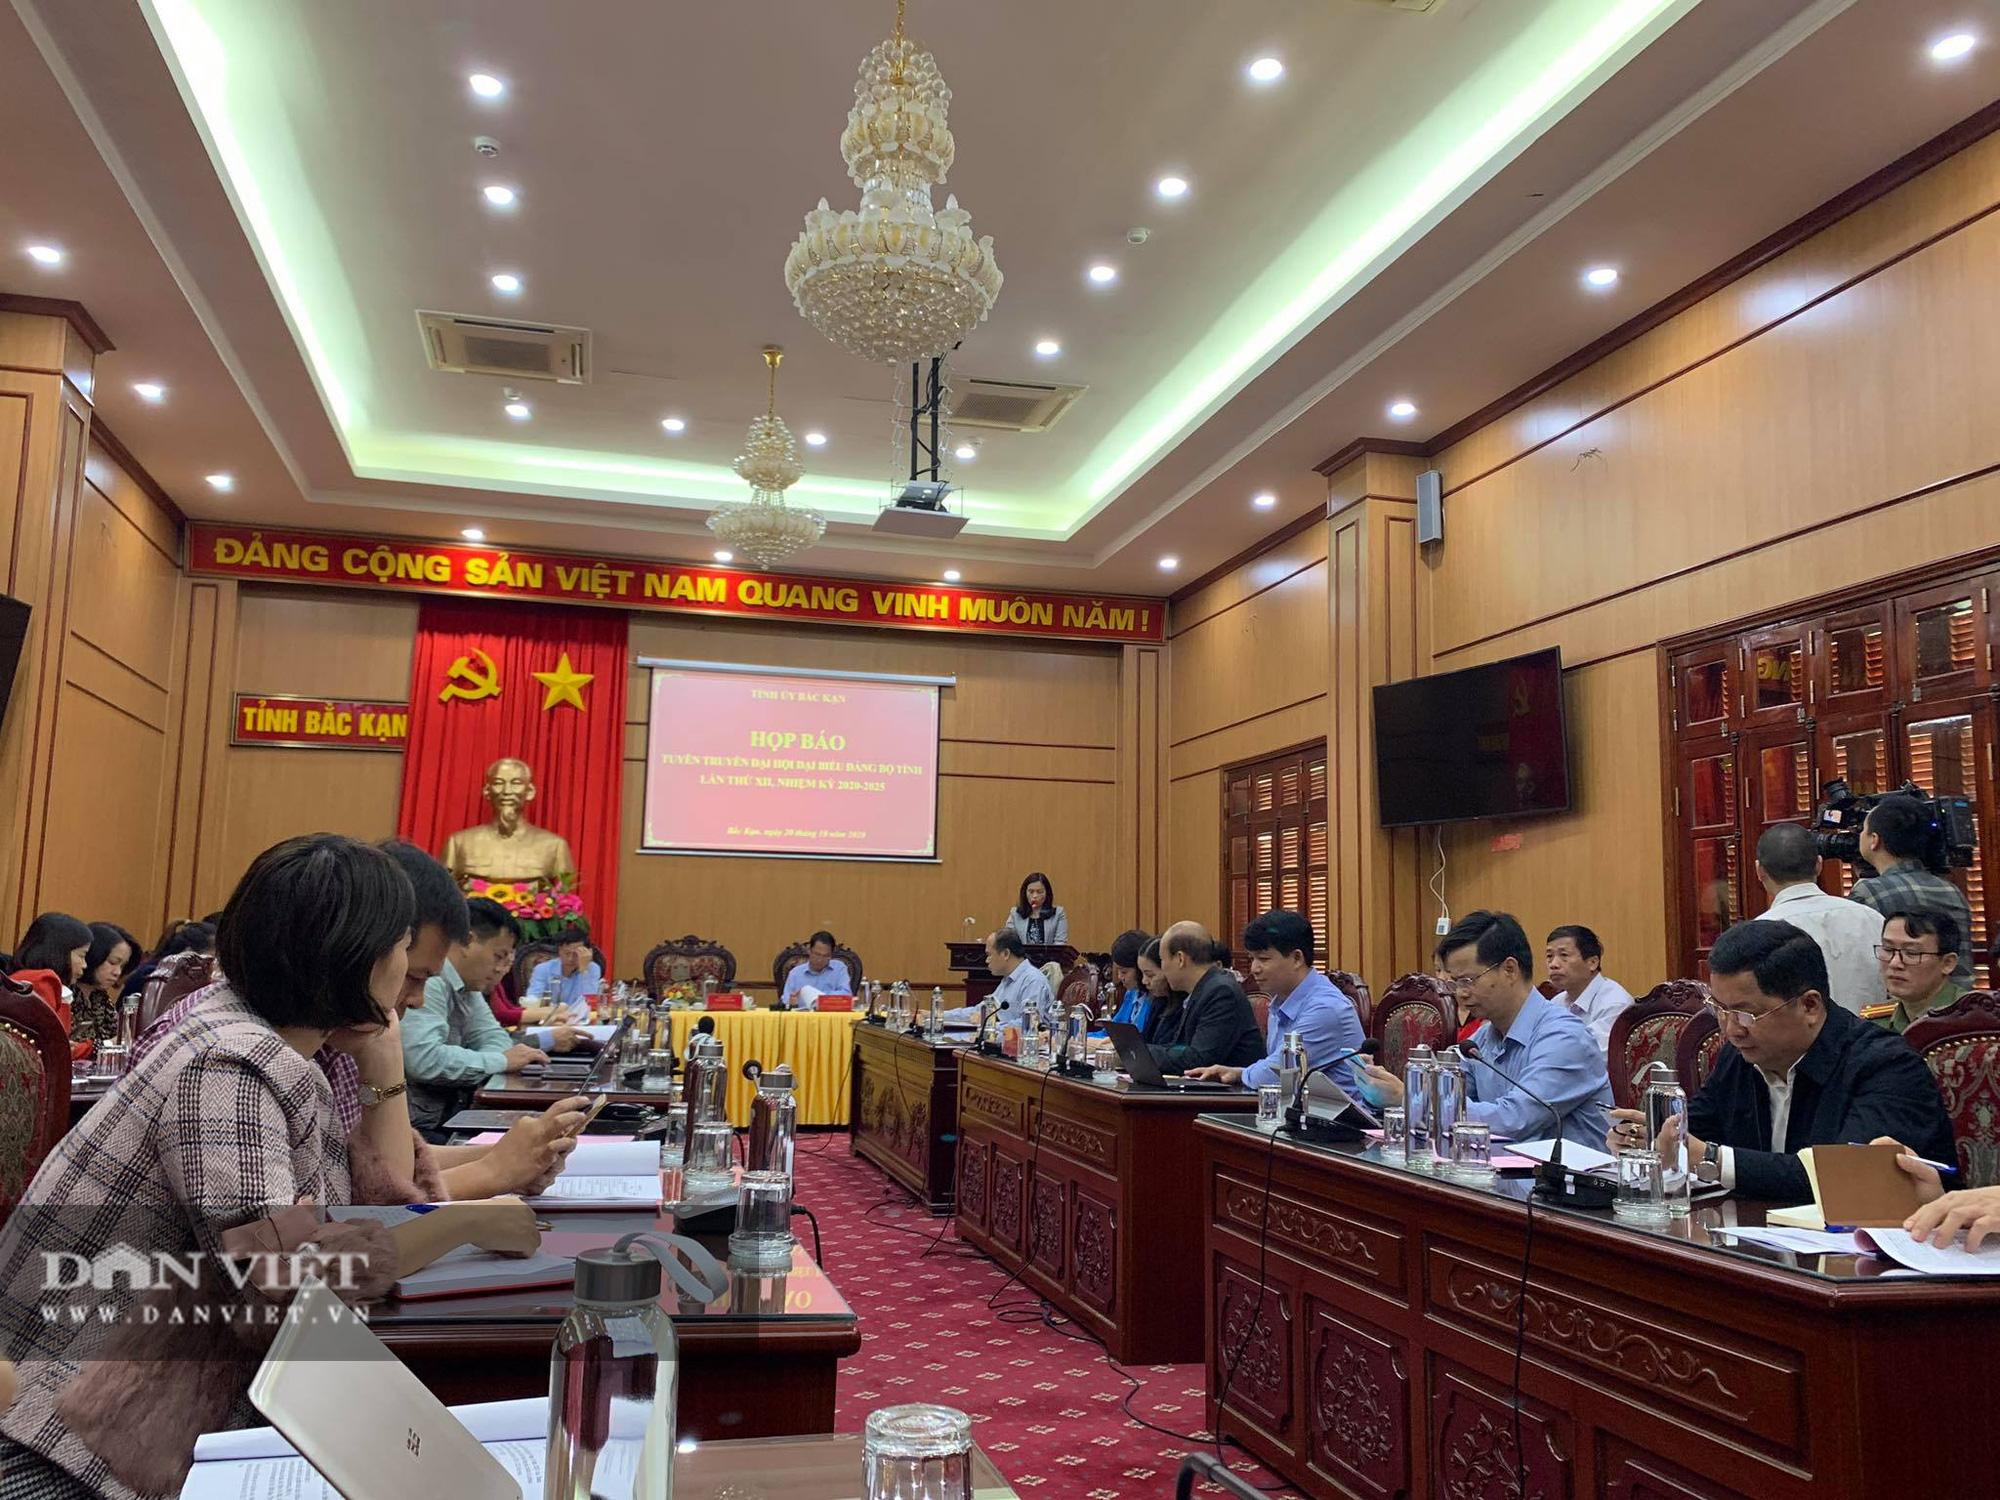 Bắc Kạn: Sẽ có 345 đại biểu tham dự Đại hội đảng bộ tỉnh - Ảnh 2.